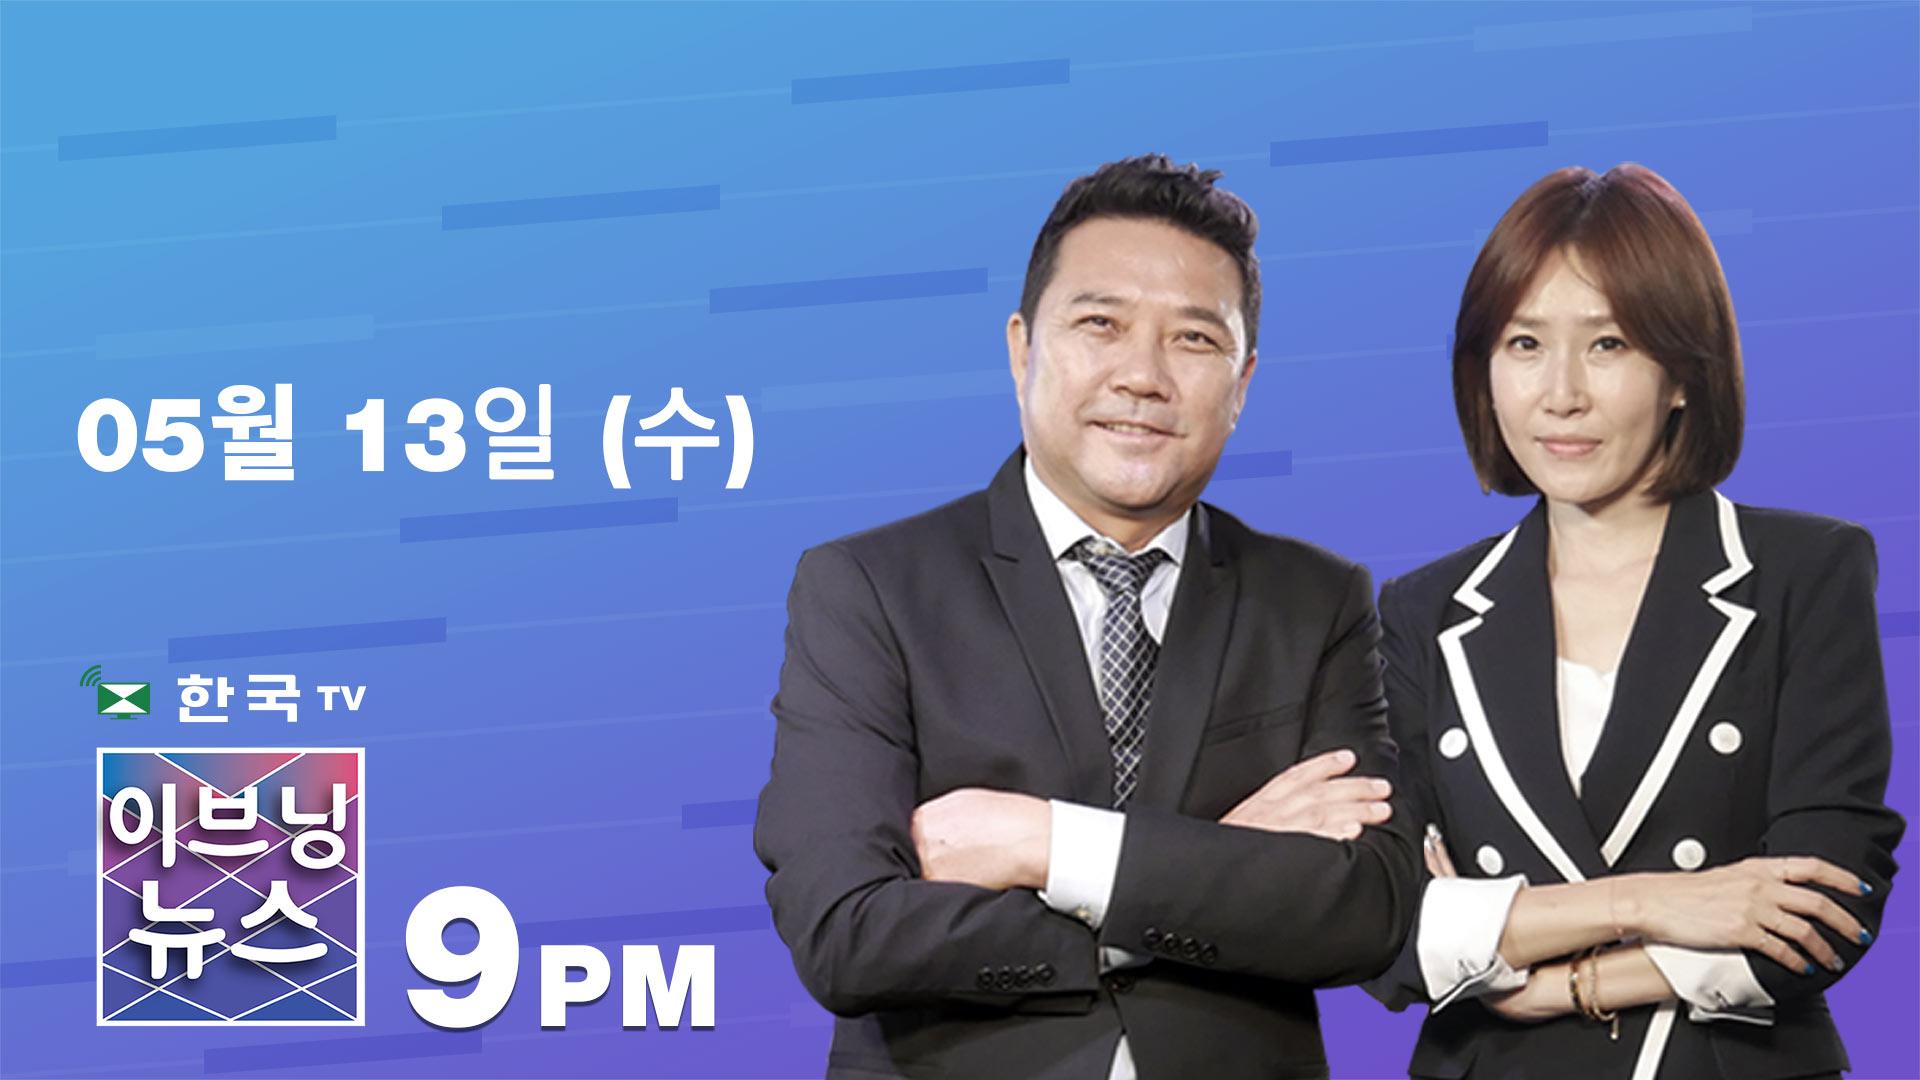 (05.13.2020) 한국TV 이브닝 뉴스